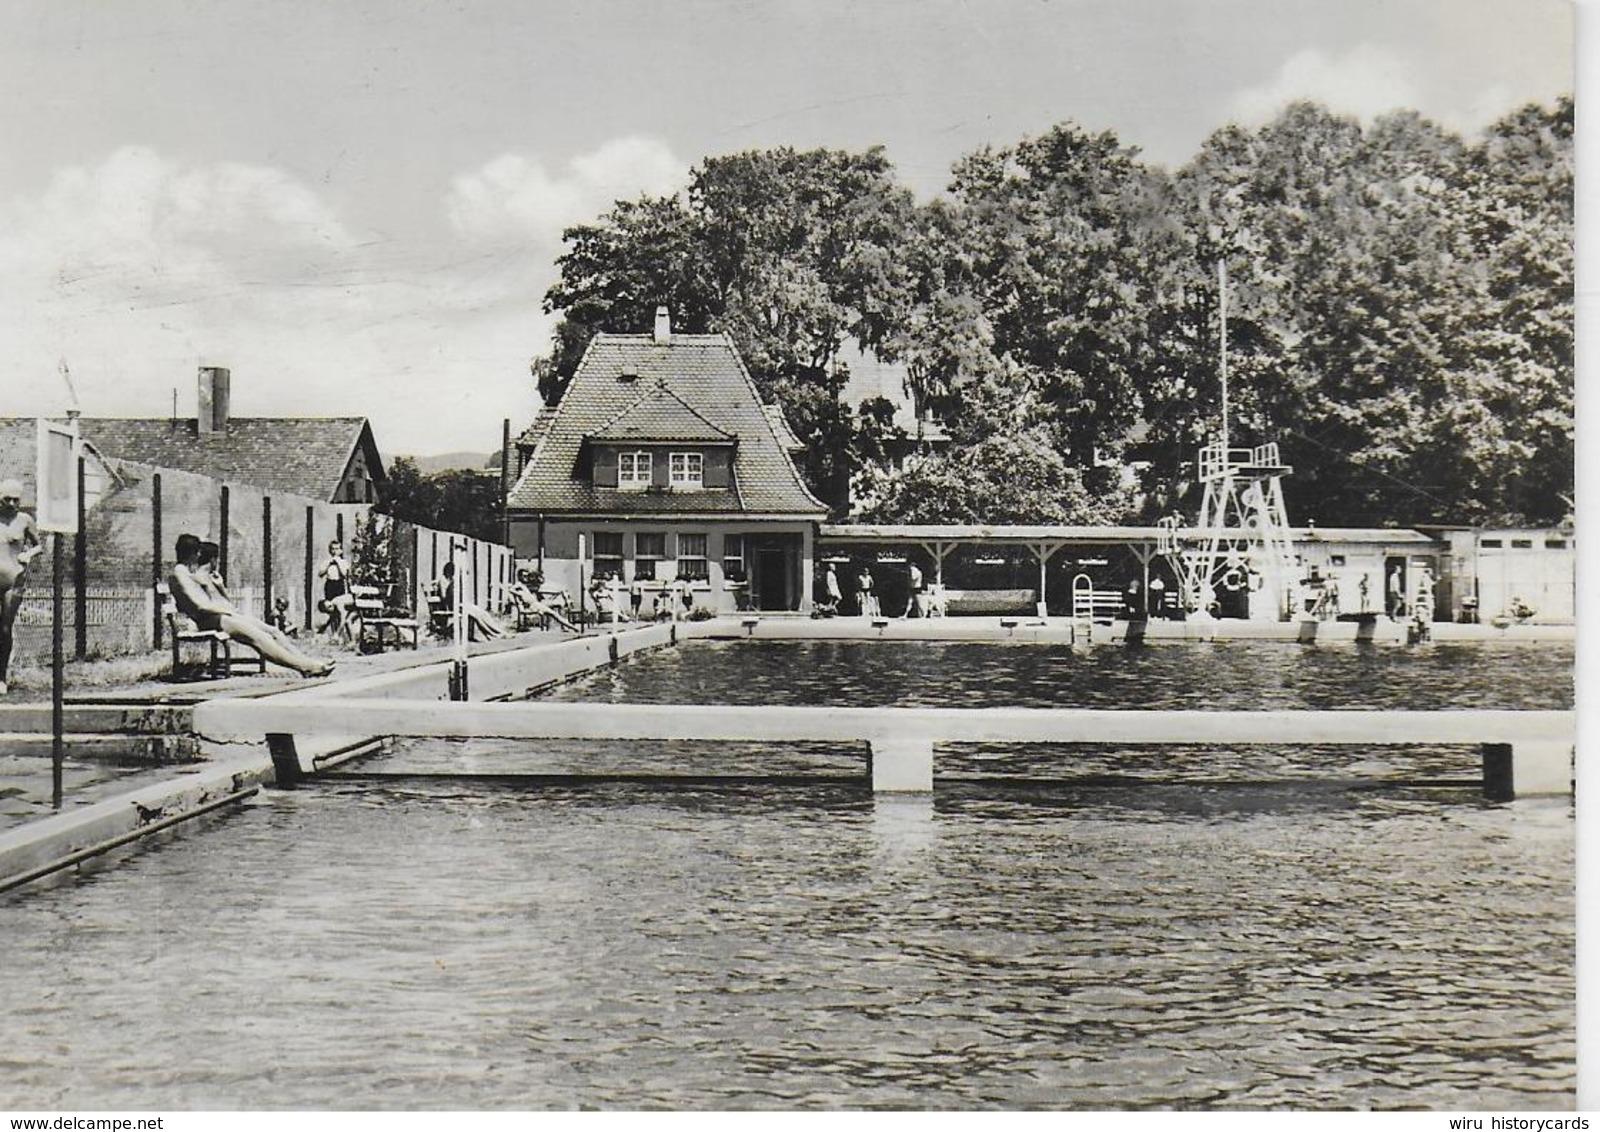 AK 0257  Schmalkalden ( Näherstille ) - Schwimmbad / Ostalgie , DDR Um 1969 - Schmalkalden